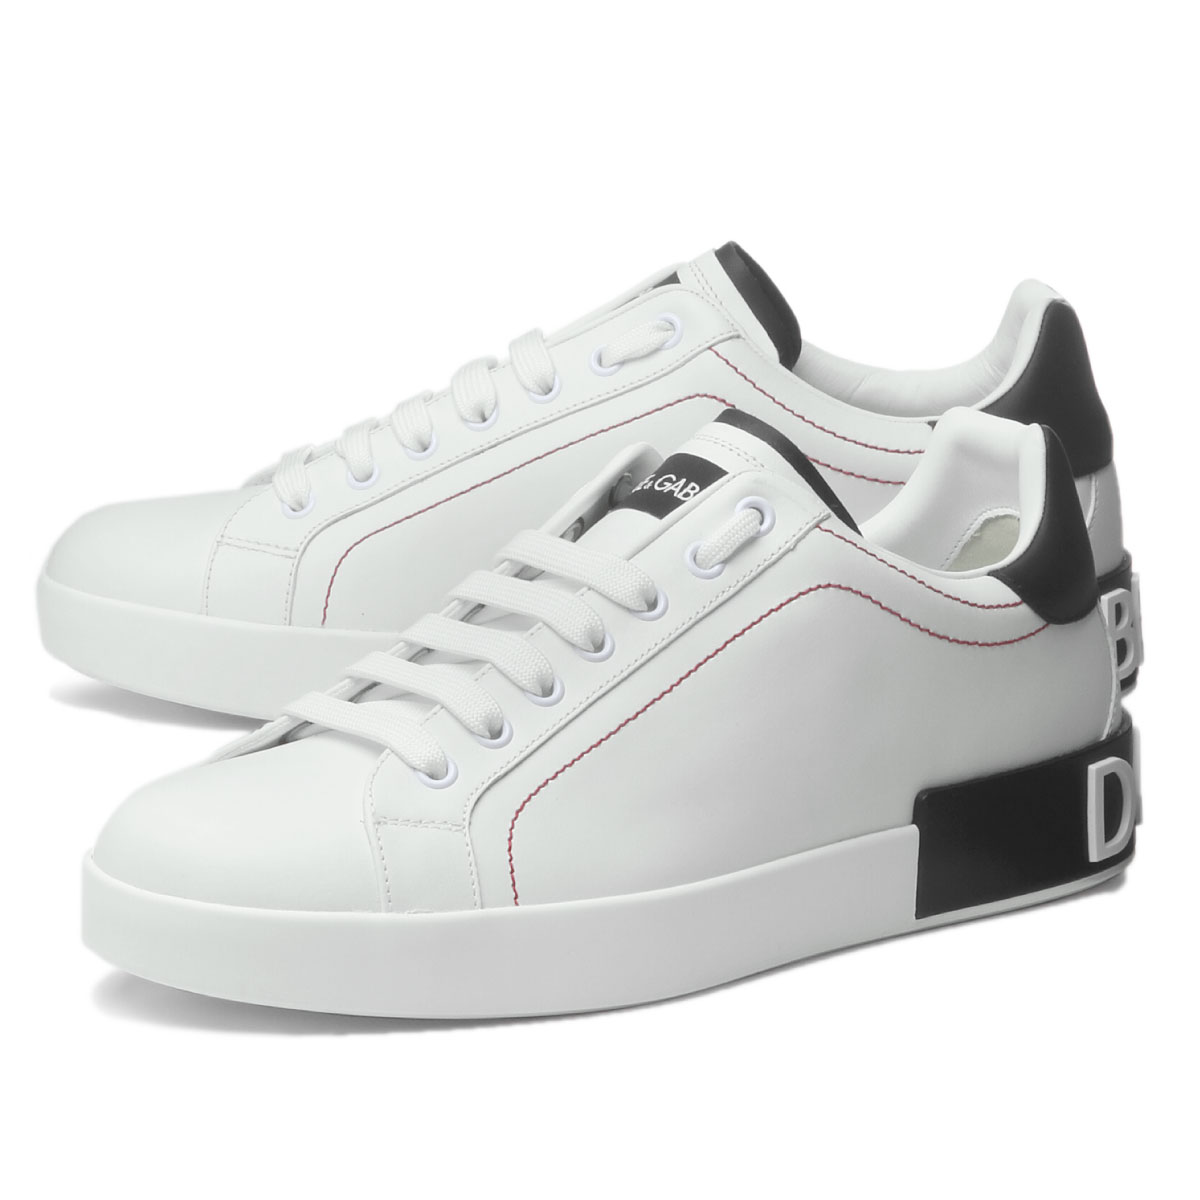 メンズ靴, スニーカー  DOLCEGABBANA CS1760 AH526 89697 PORTOFINO BIANCONERO